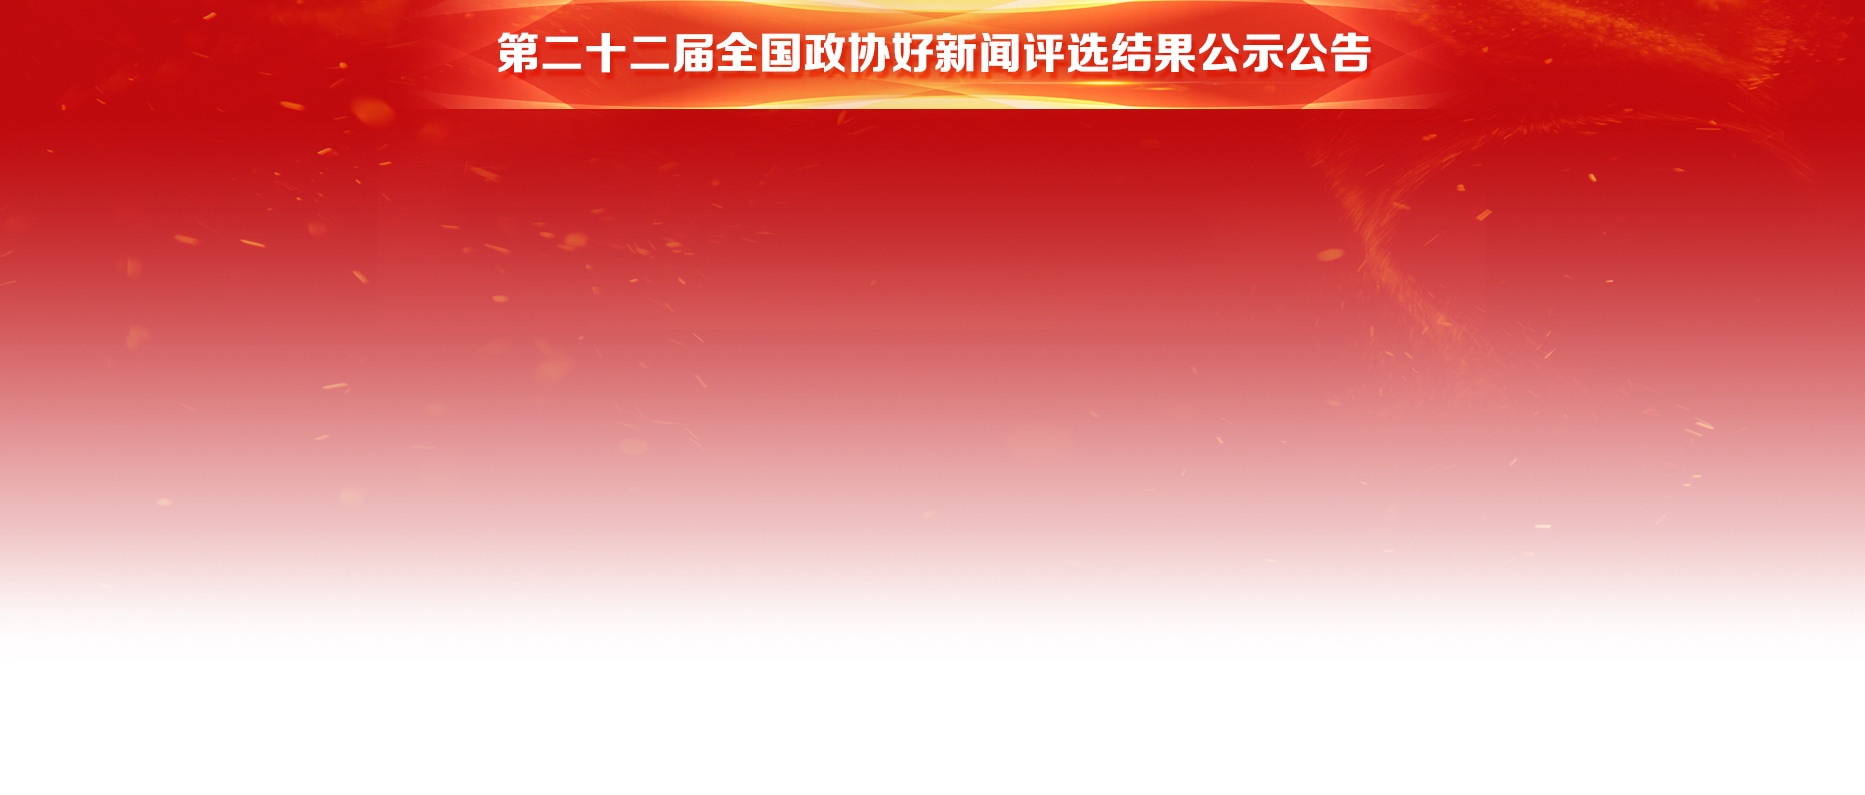 第二十二届全国政协好新闻评选结果公示公告